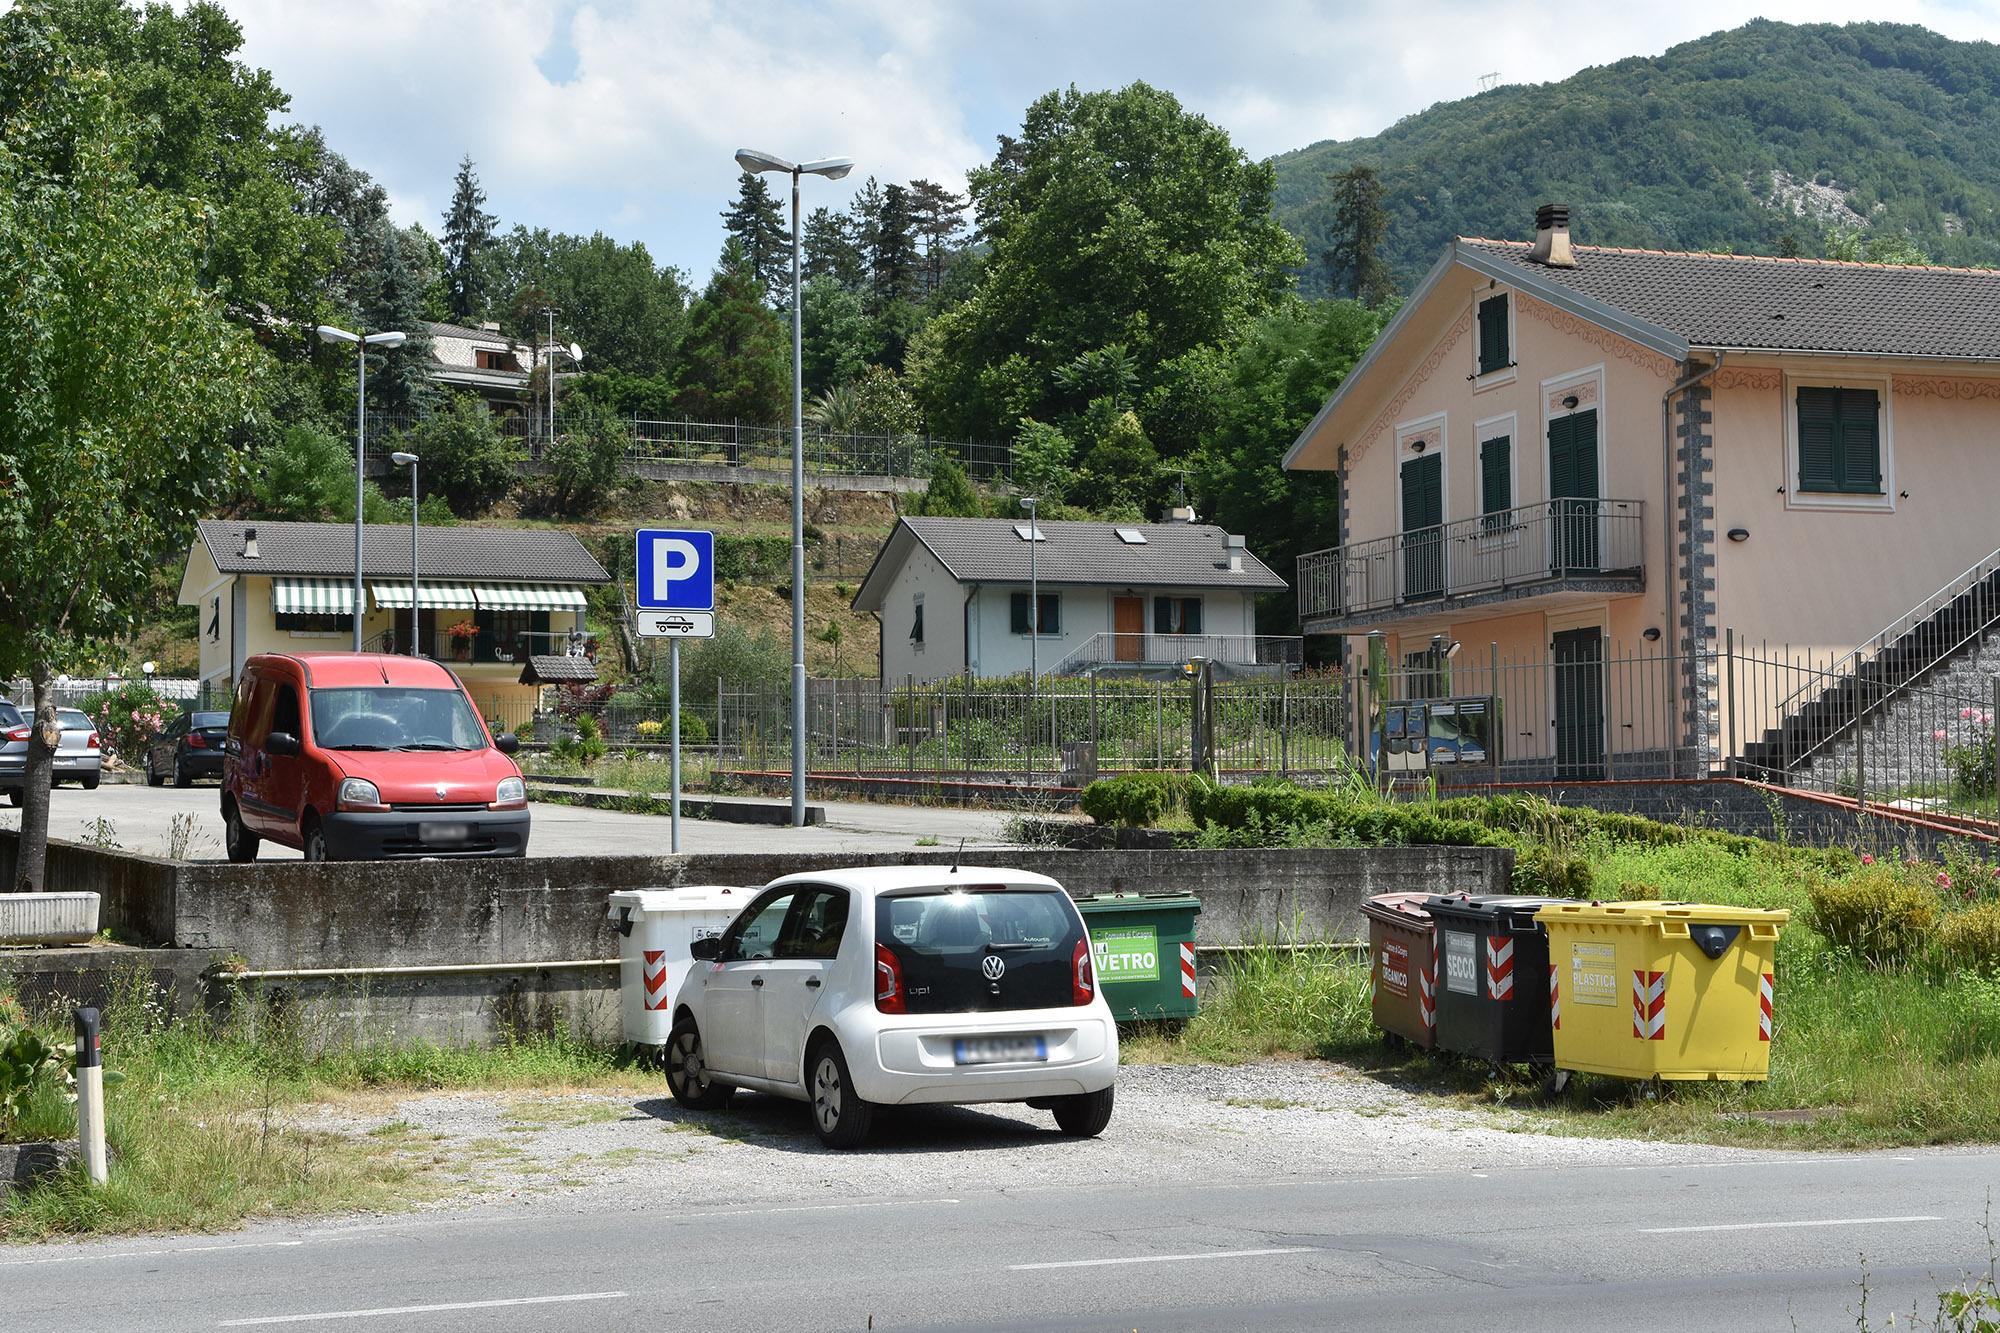 Il posteggio visto dalla strada